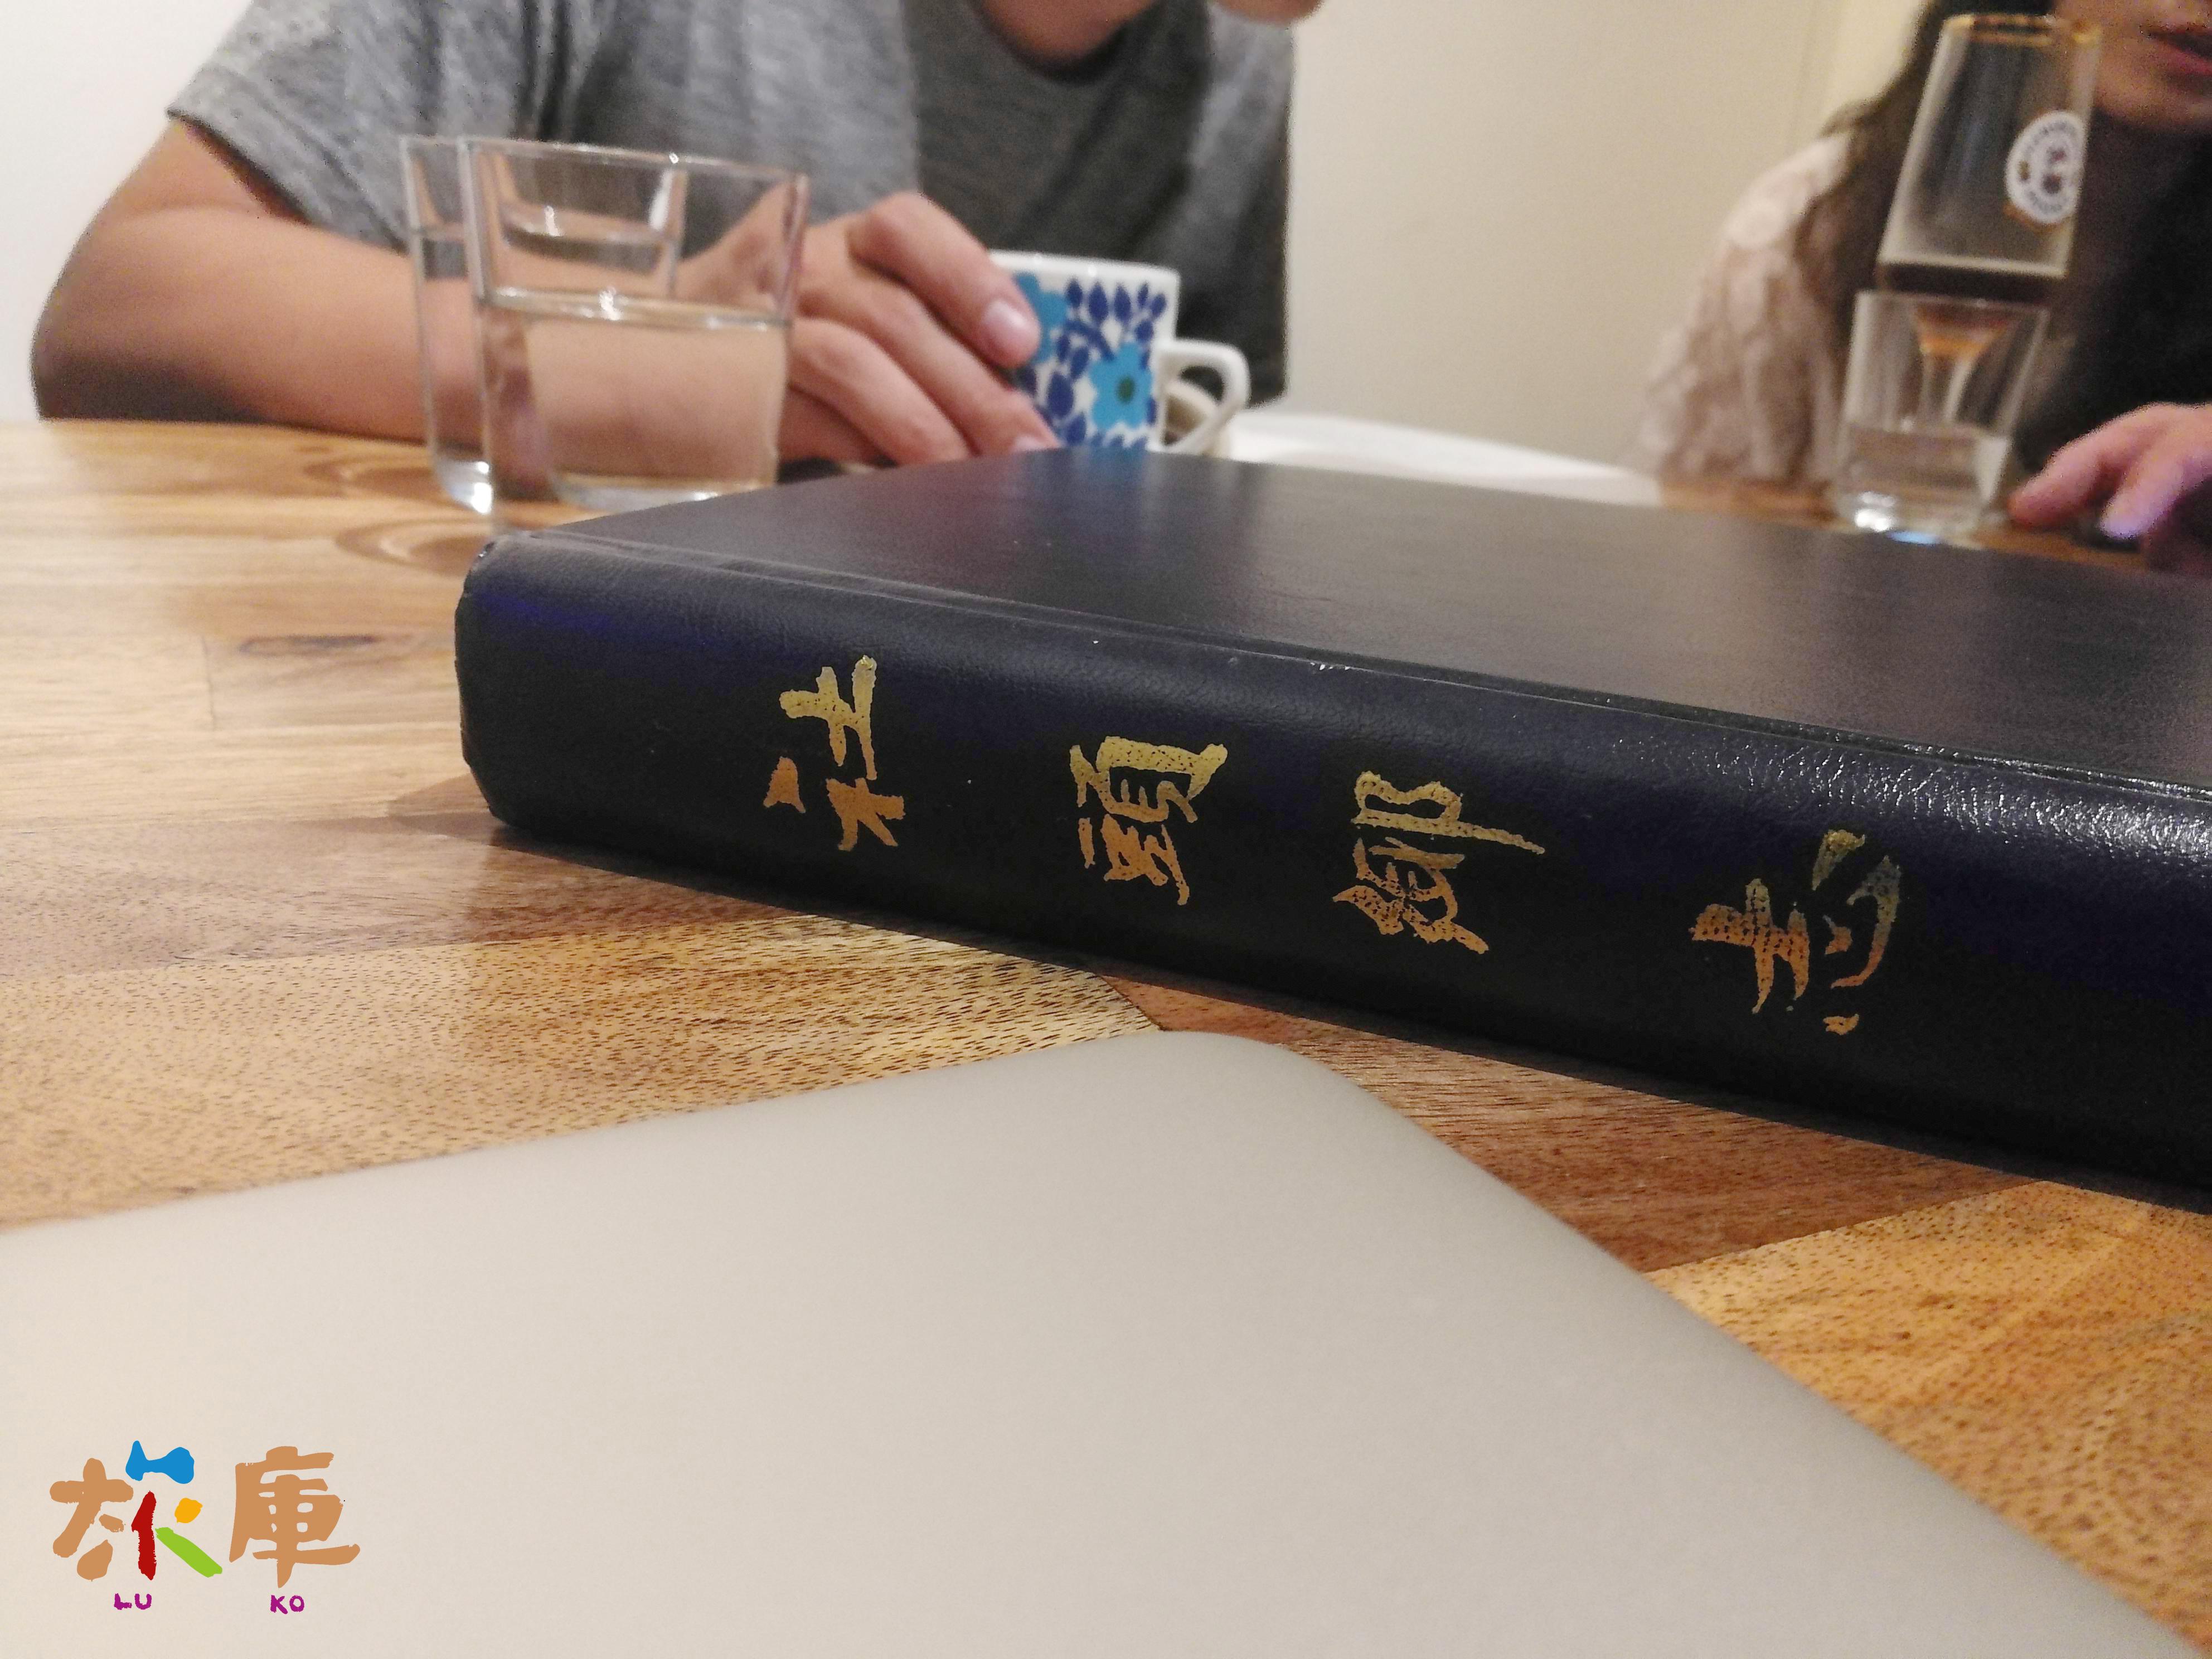 陳朝強大哥帶來《社頭鄉誌》讓大家翻閱參考。